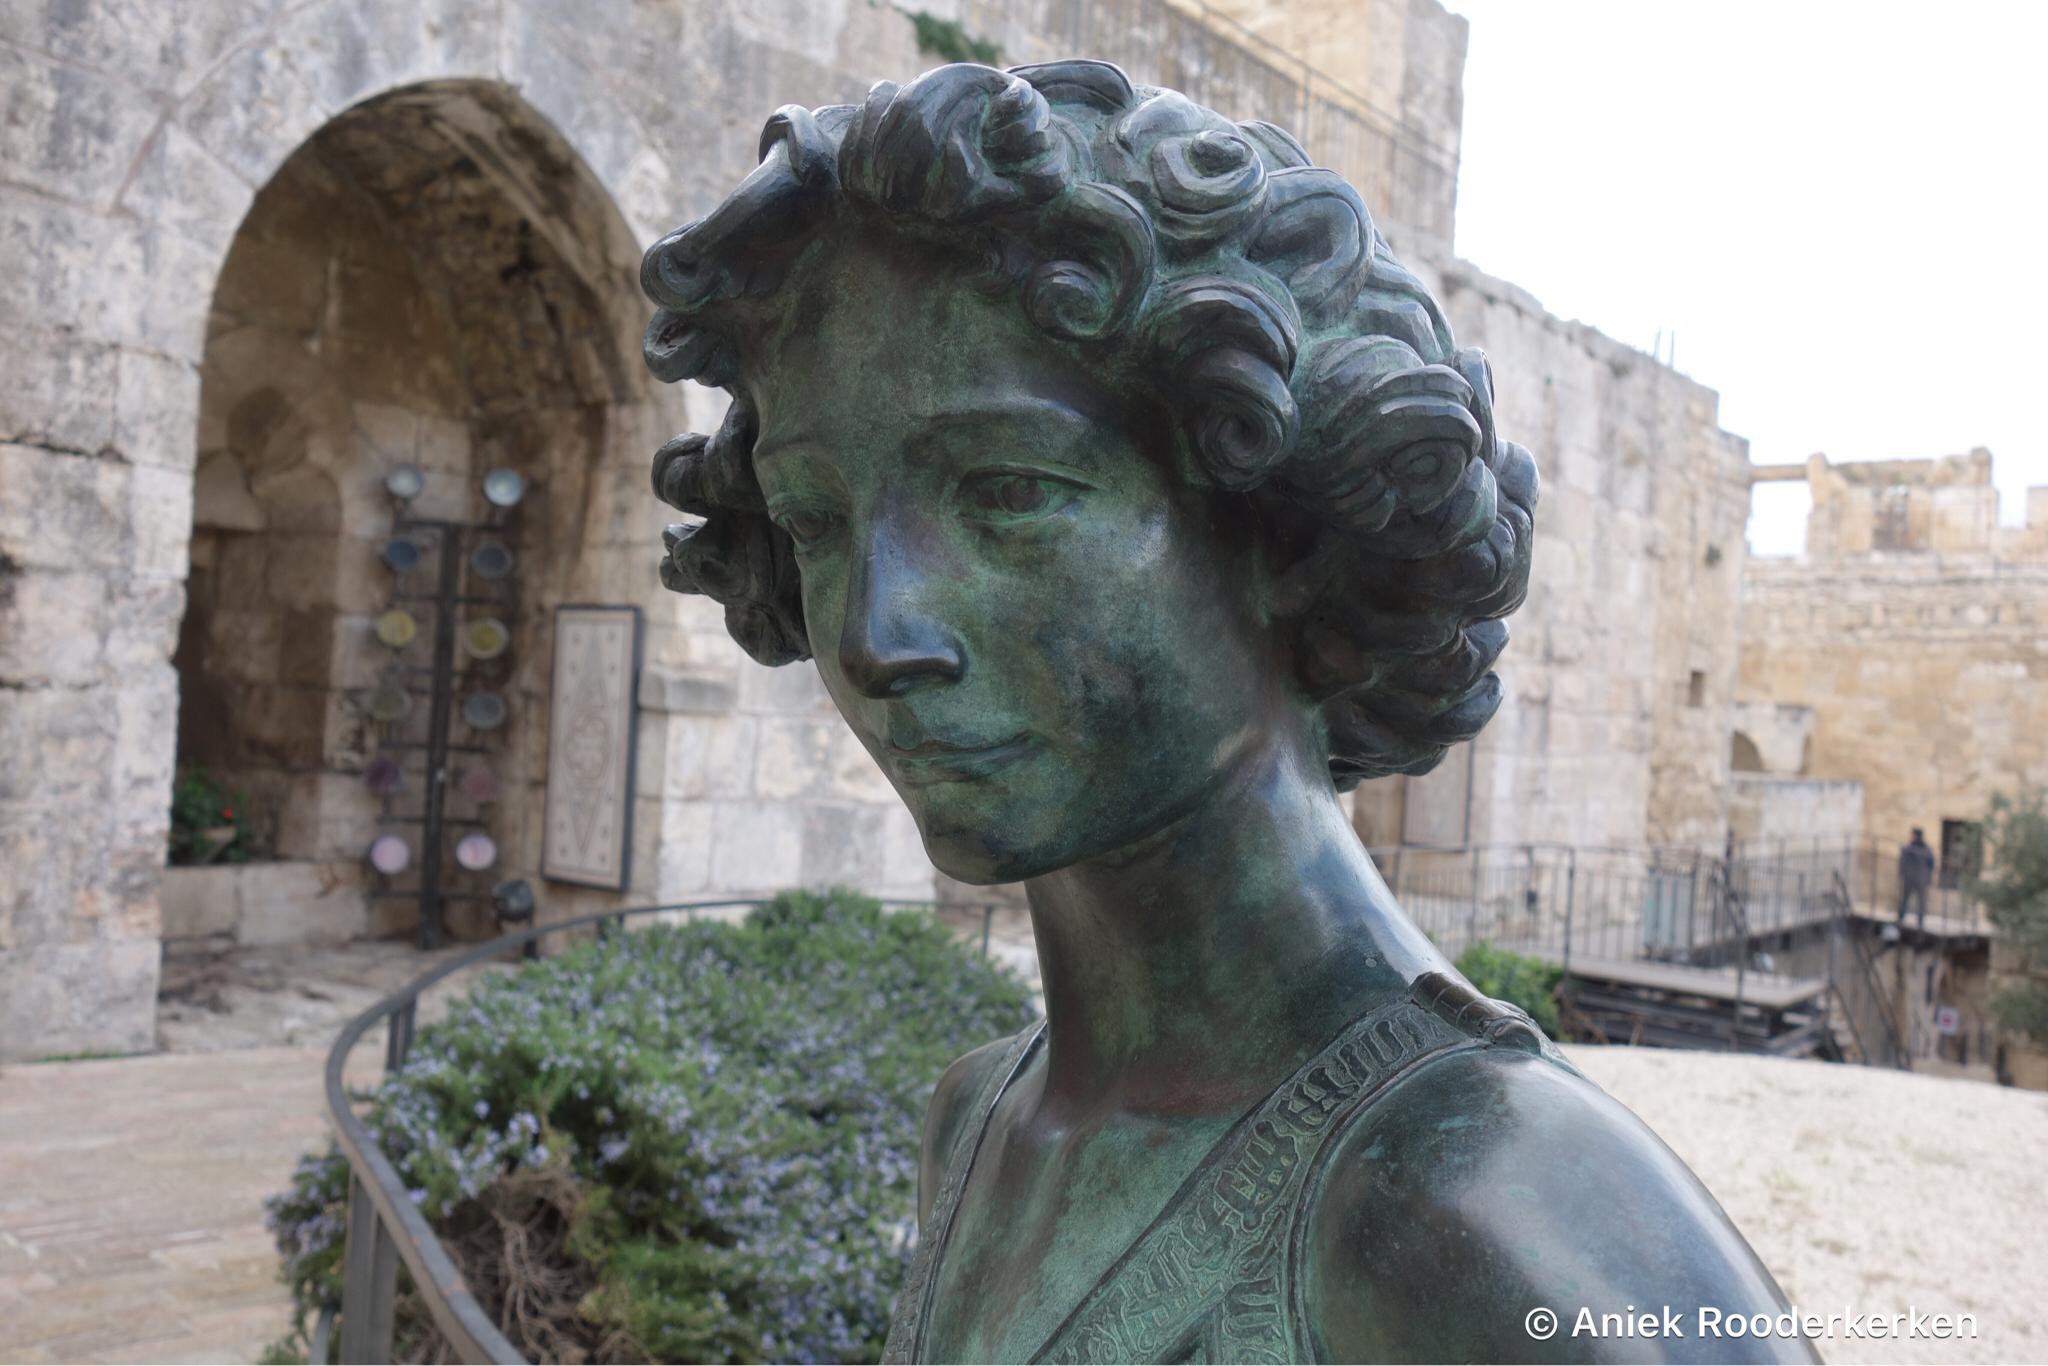 David, Andrea del Verrocchio